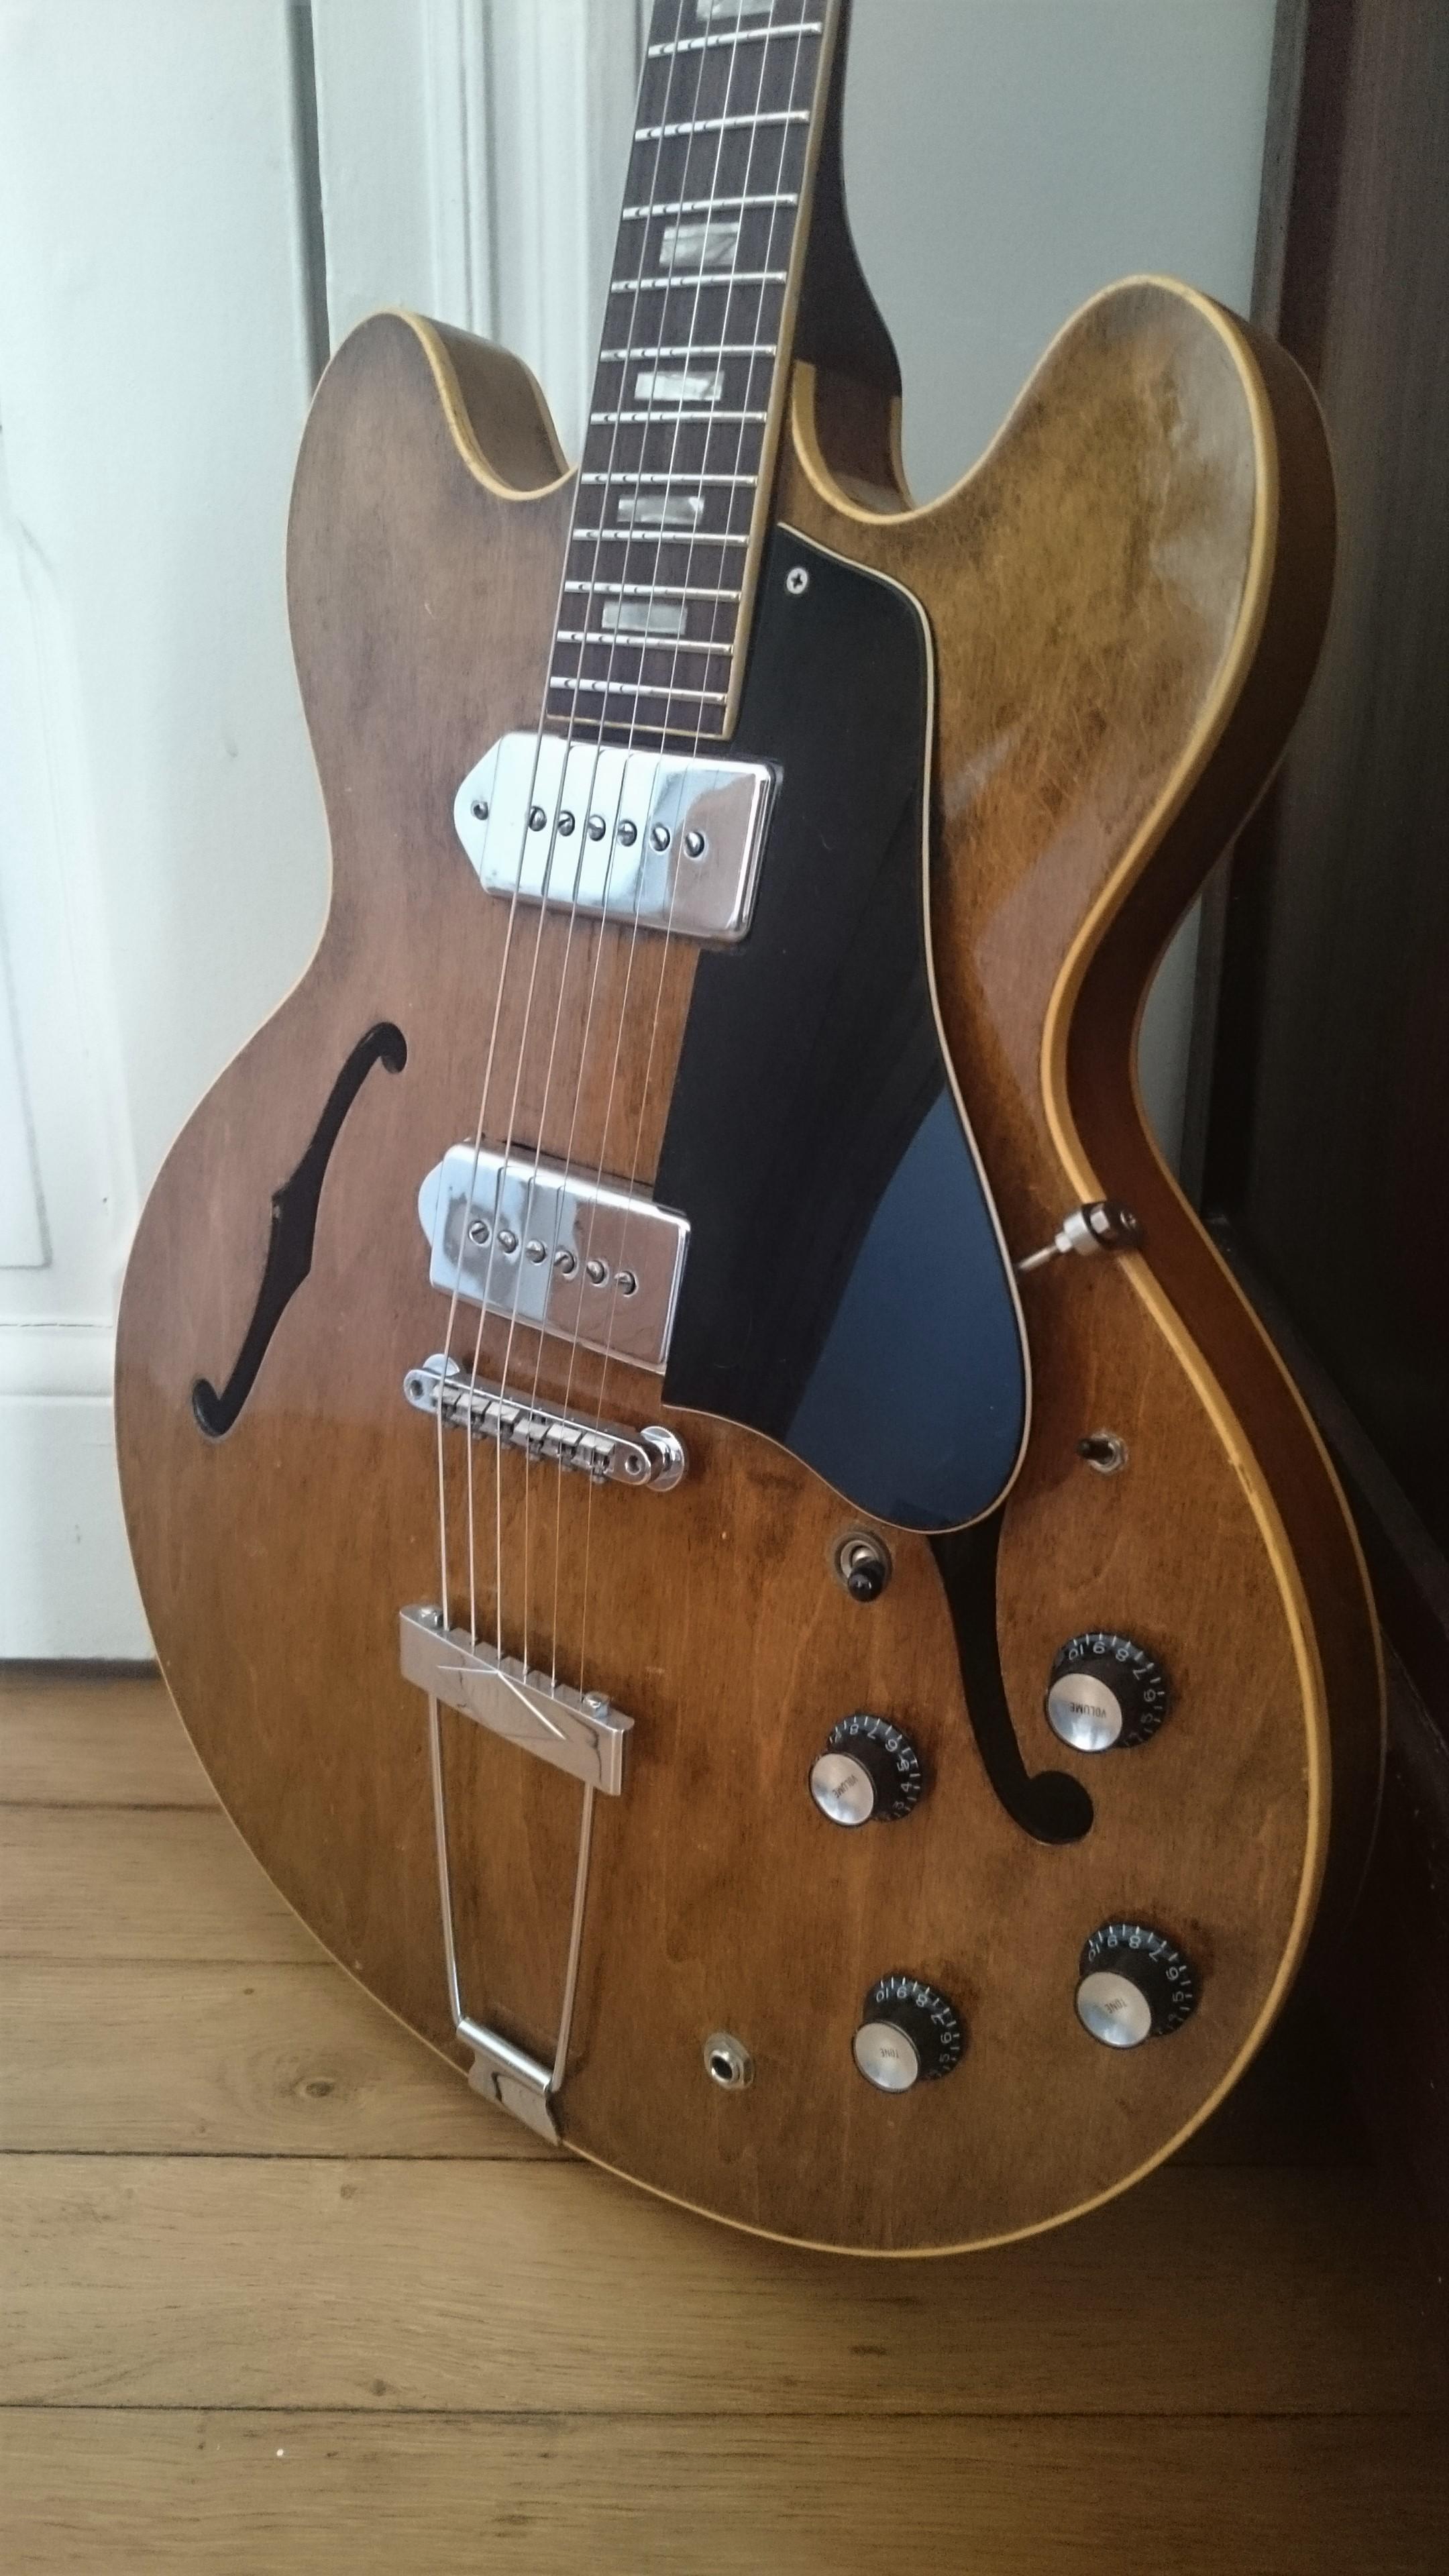 gibson semi-hollow 1961 es-330 vos vb guitare electrique